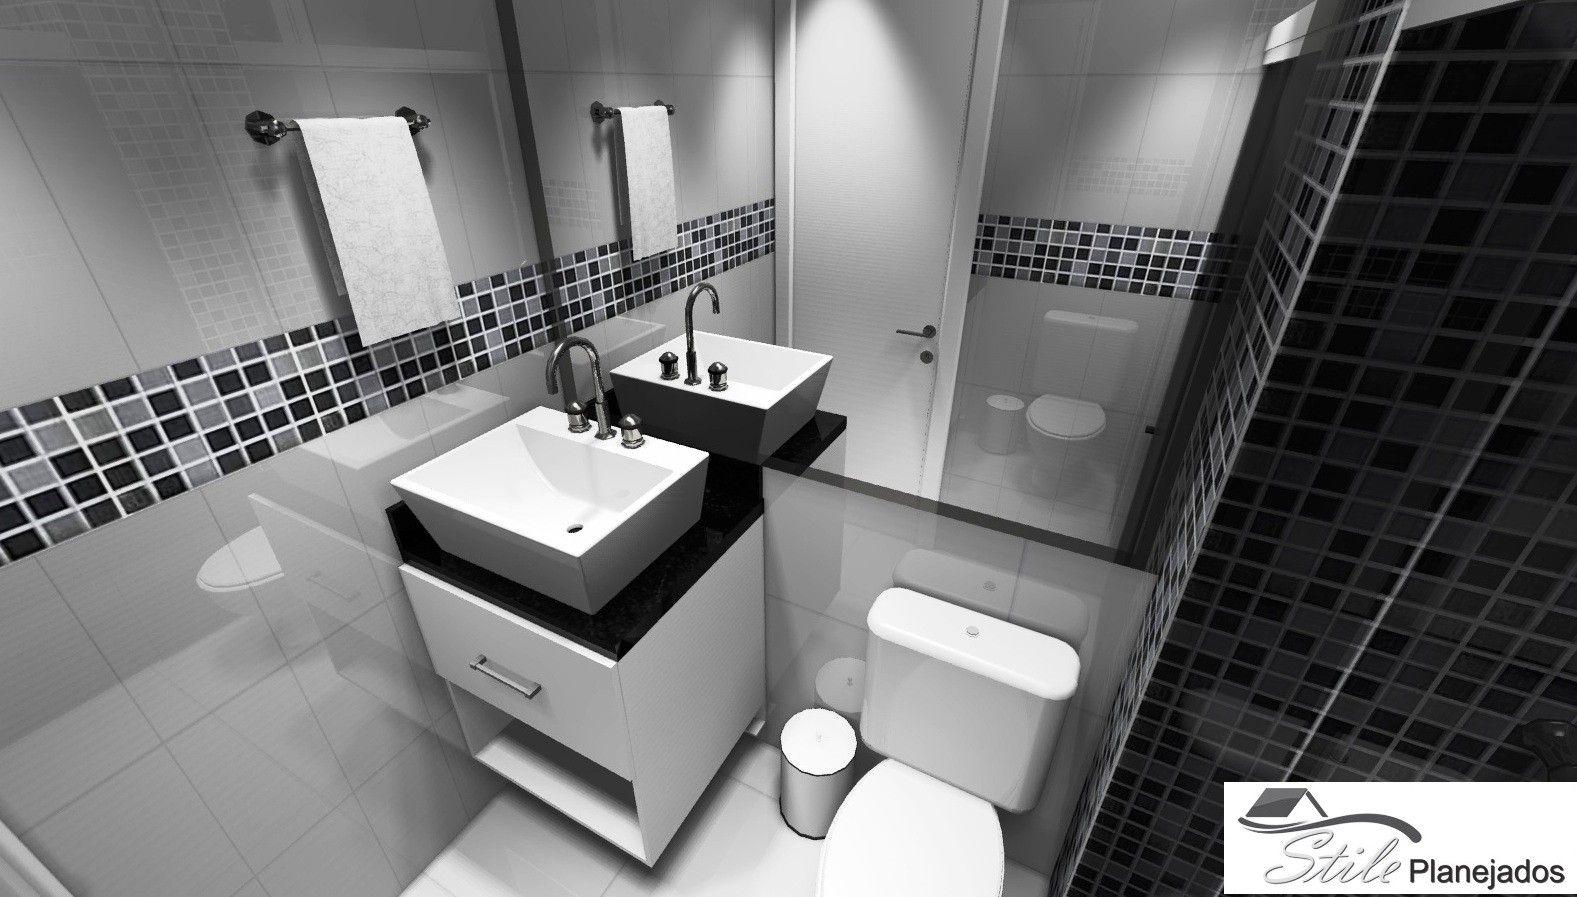 Quanto Custa Banheiro com Móveis sob Medida em Itapevi - Banheiro Planejado em São Paulo